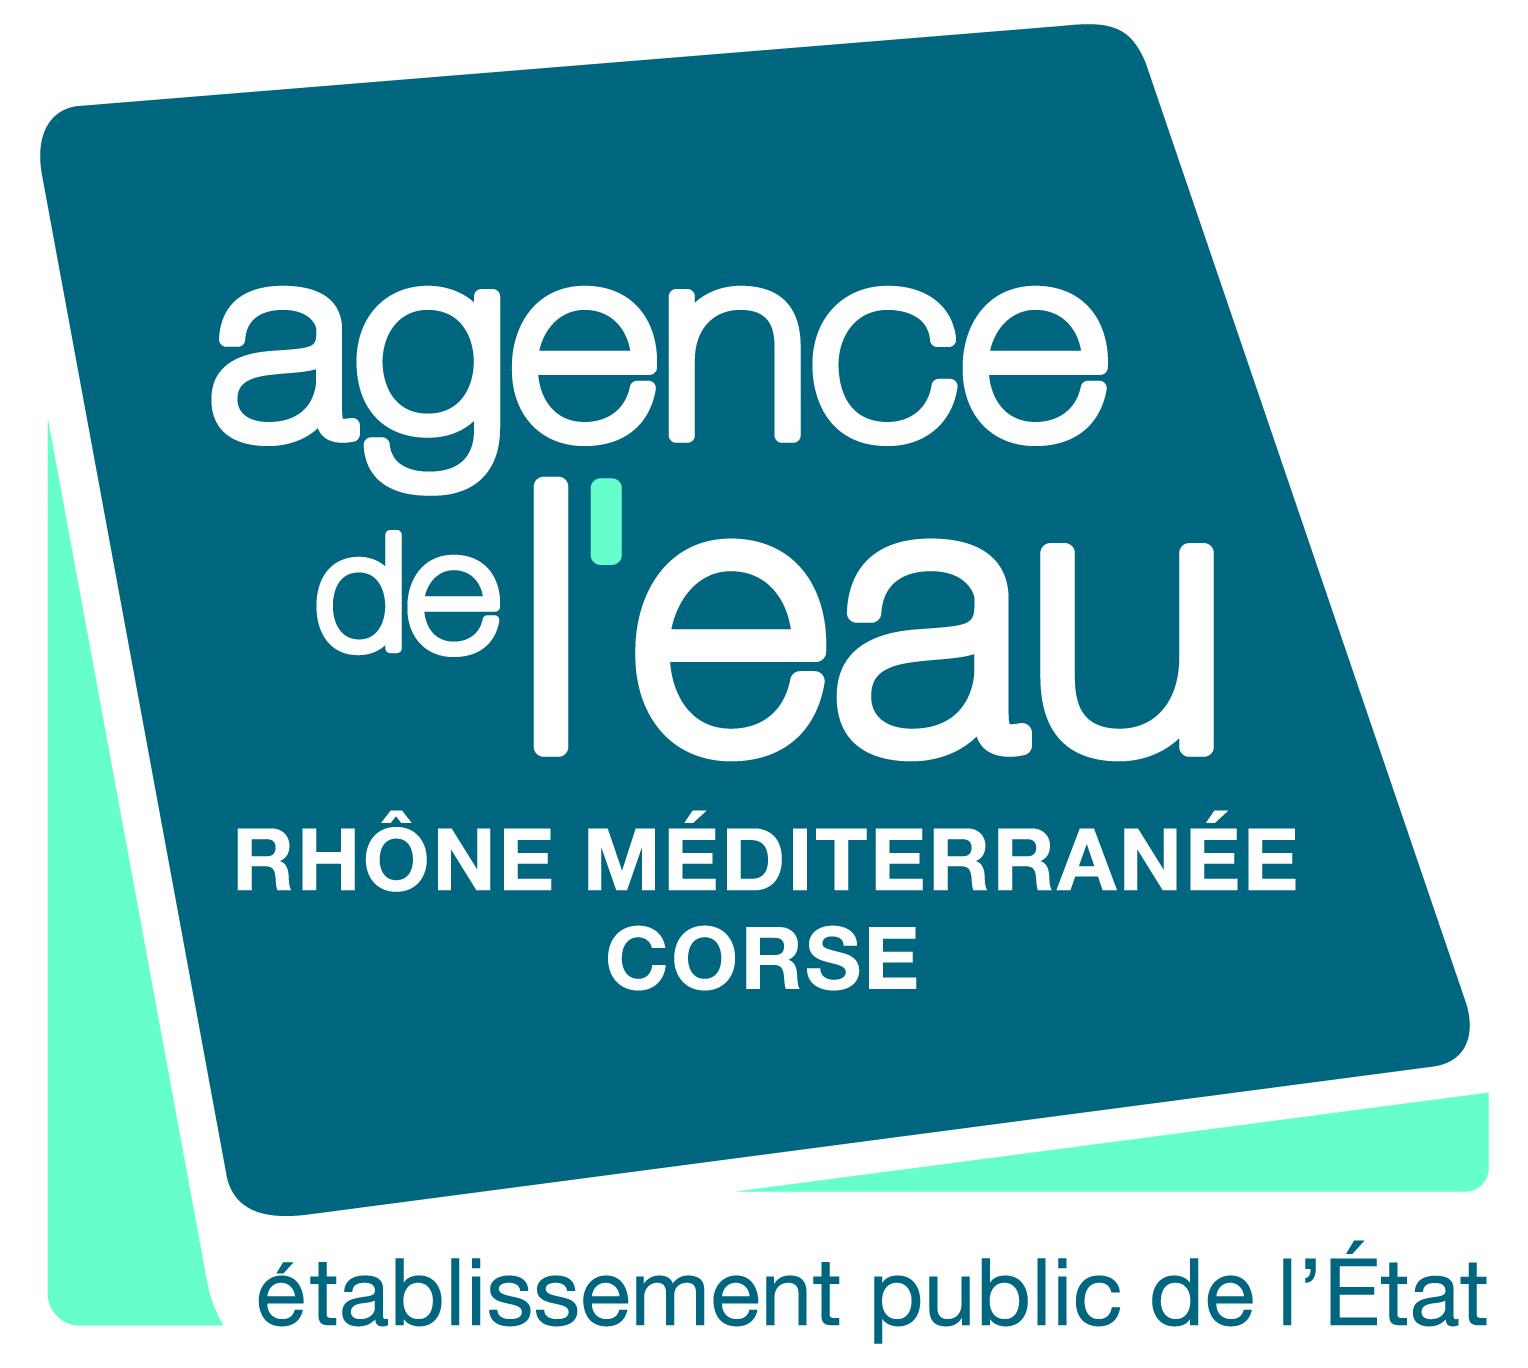 Water Agency Rhône Méditerranée Corse